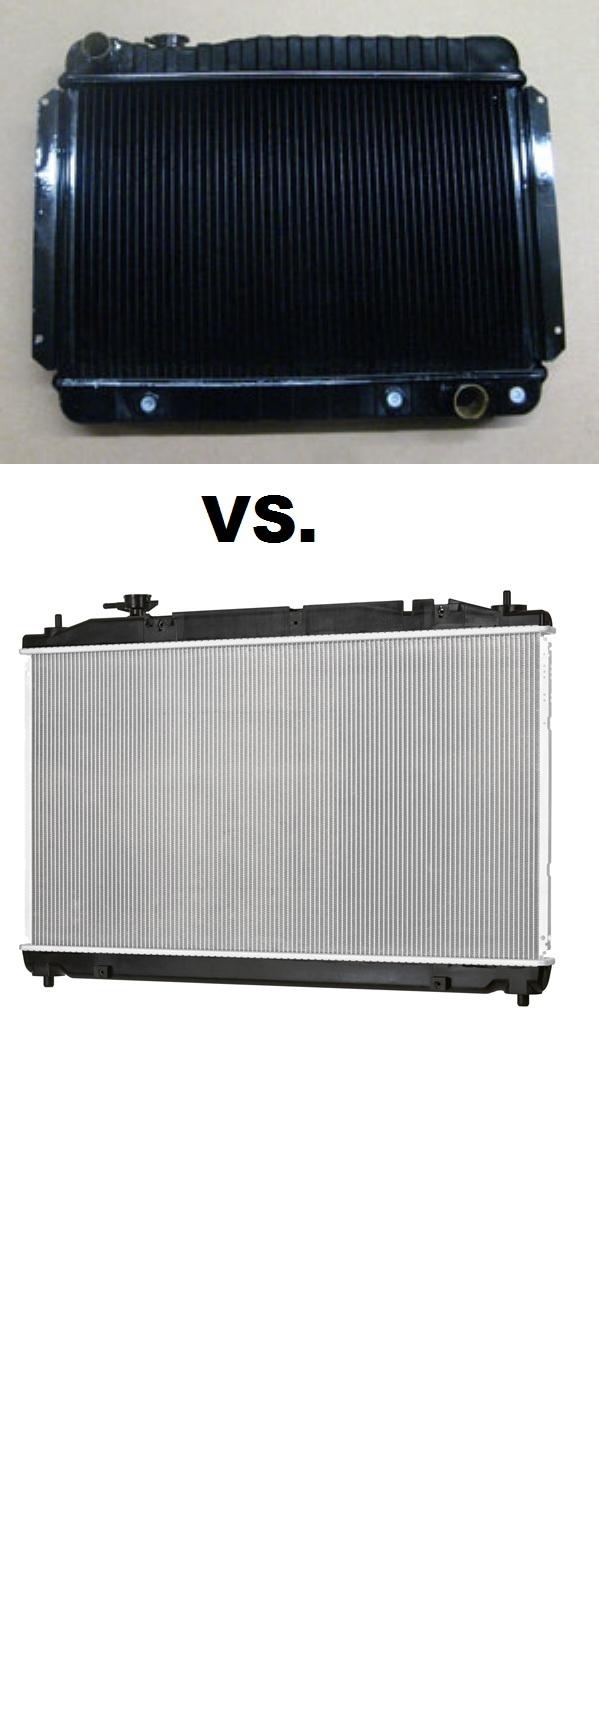 Aluminum Vs Copper Conductors : Aluminum radiator brass vs